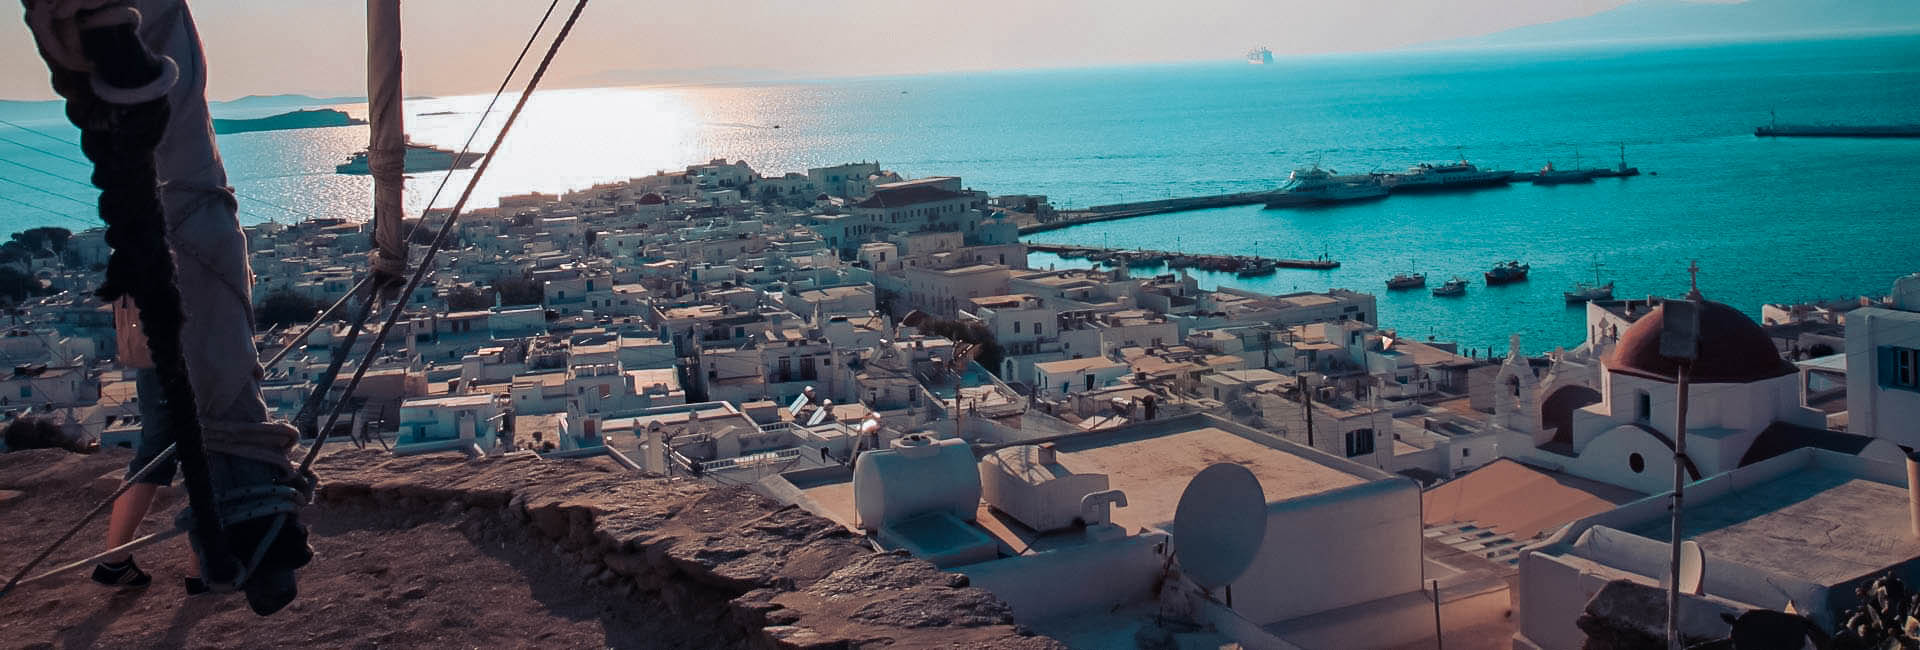 wunderschöne weite Sicht über das Mittelmeer über den Dächern einer Stadt in Griechenland